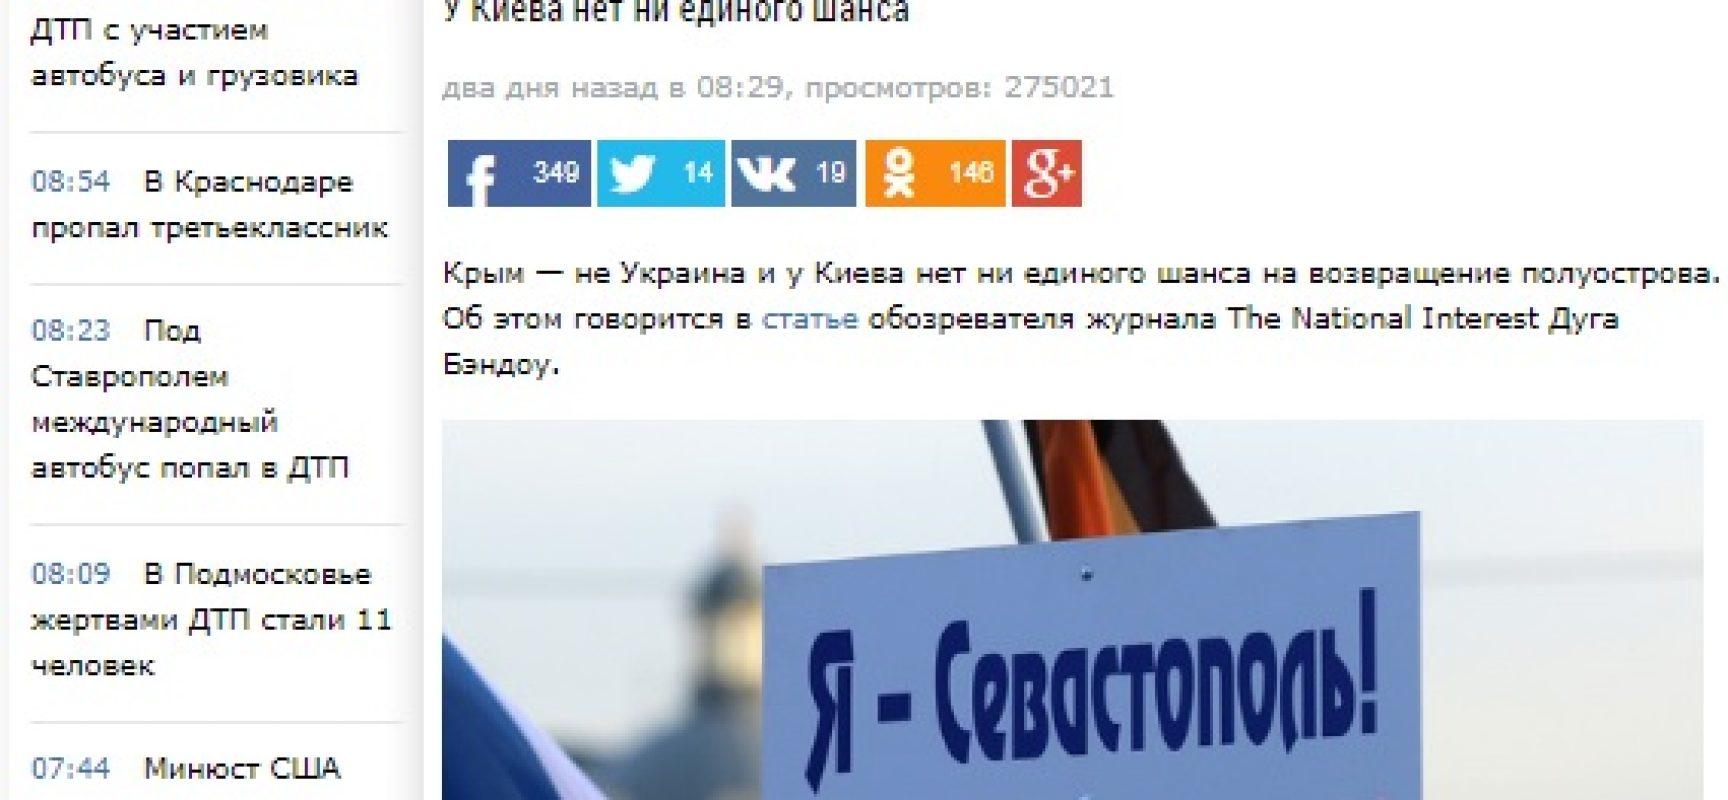 Fake: Gli Stati Uniti rifiutano all'Ucraina il ritorno della Crimea